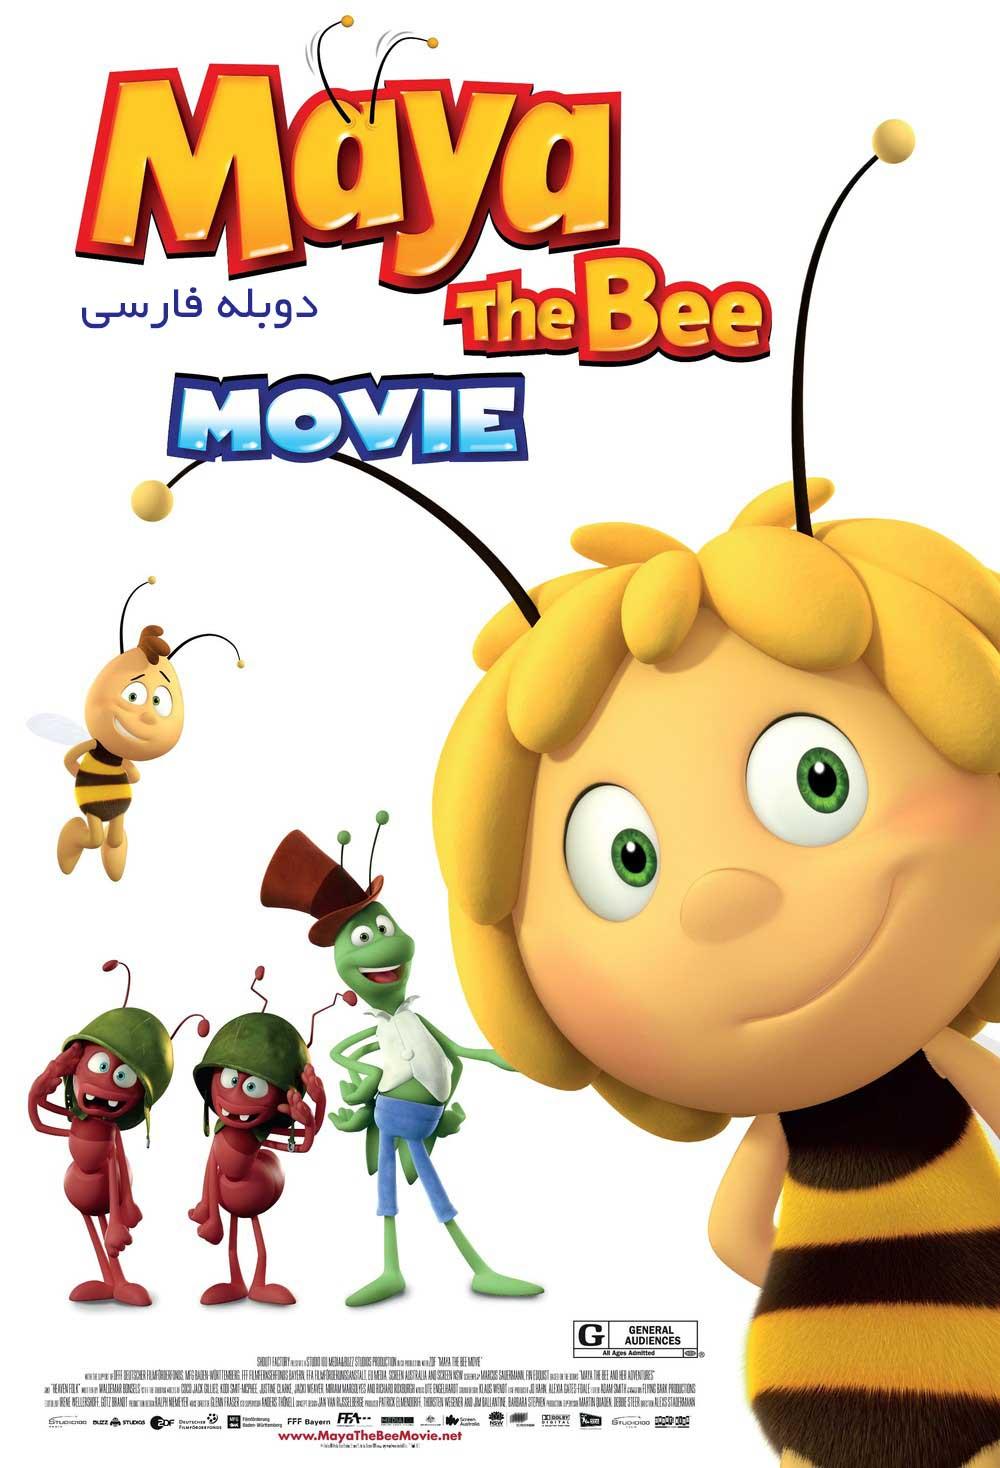 دانلود انیمیشن Maya the Bee مایا زنبور عسل - دانلود انیمیشن Maya the Bee دوبله فارسی